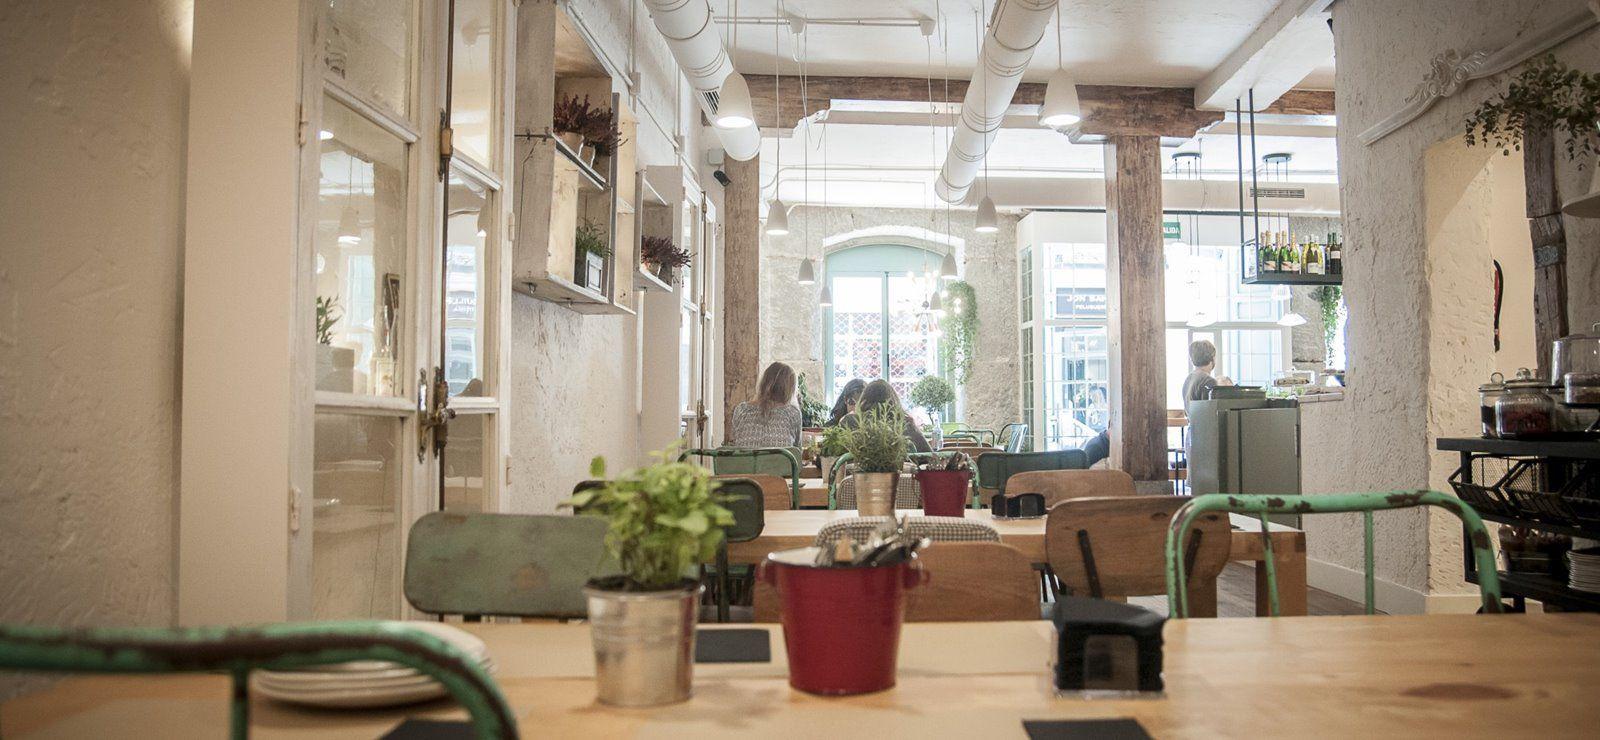 Interior del resto bar Le Cocó de estilo vintage y shabby chic